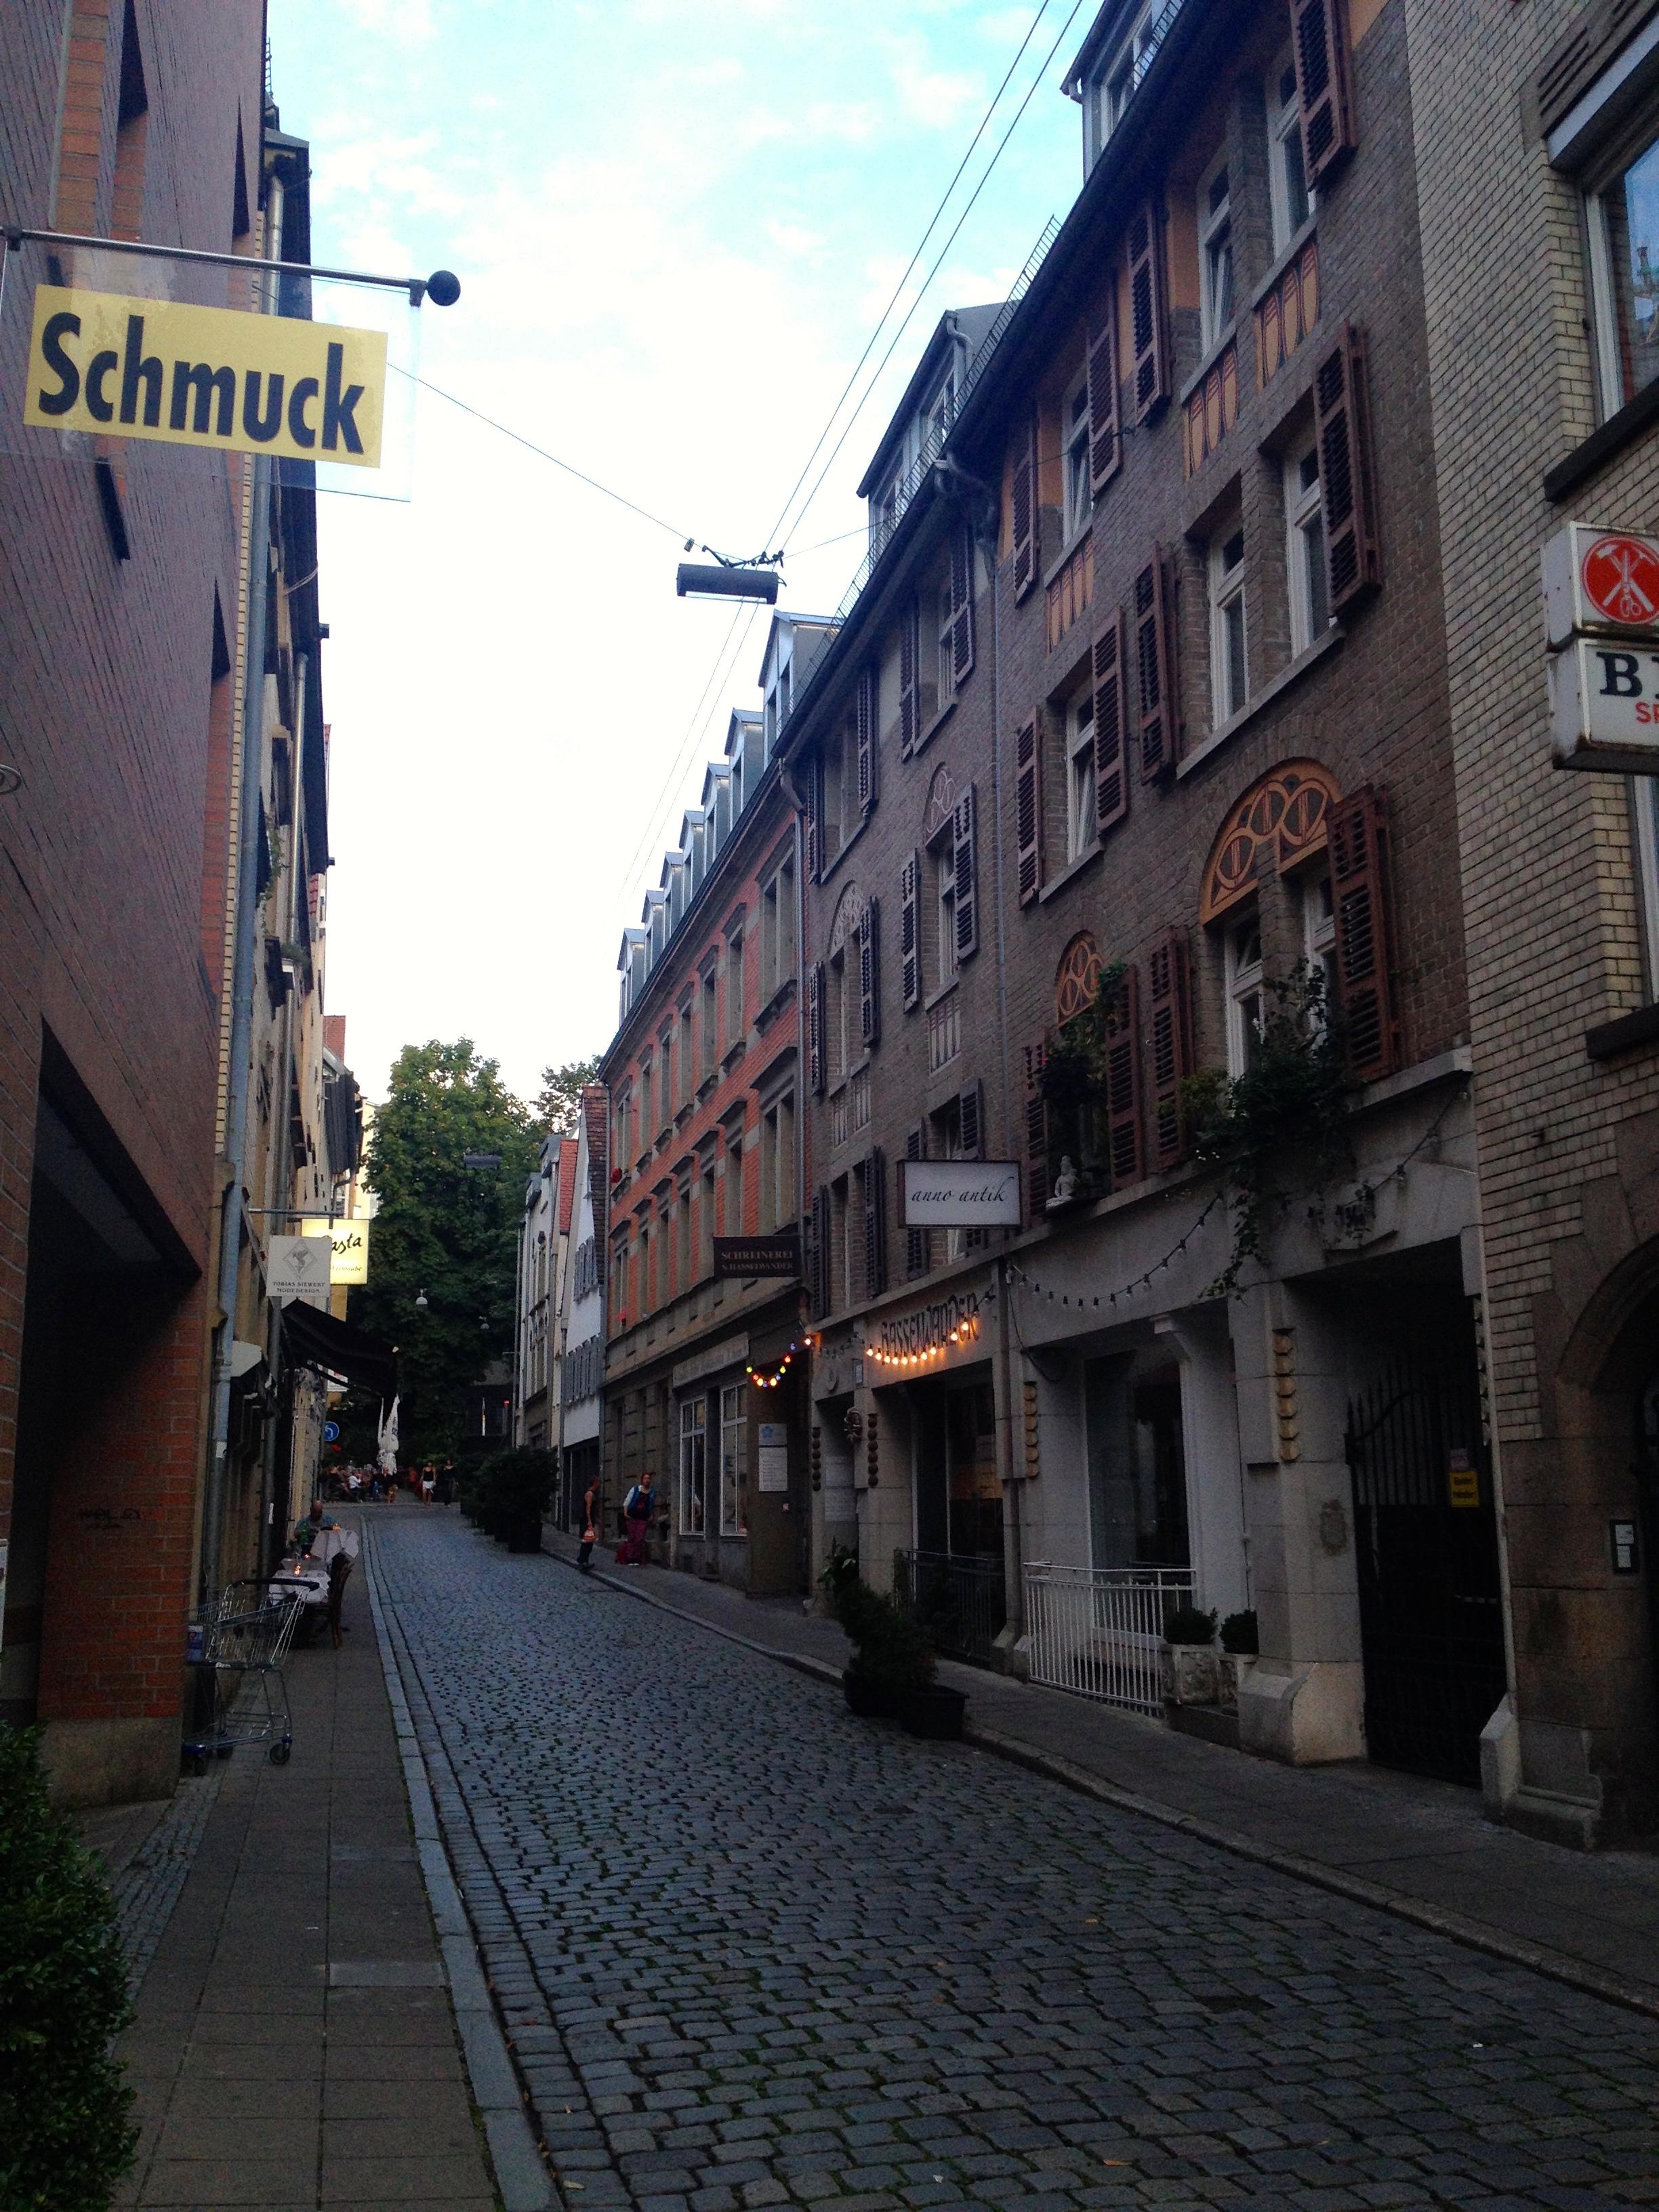 The old Bohnenviertel part of Stuttgart